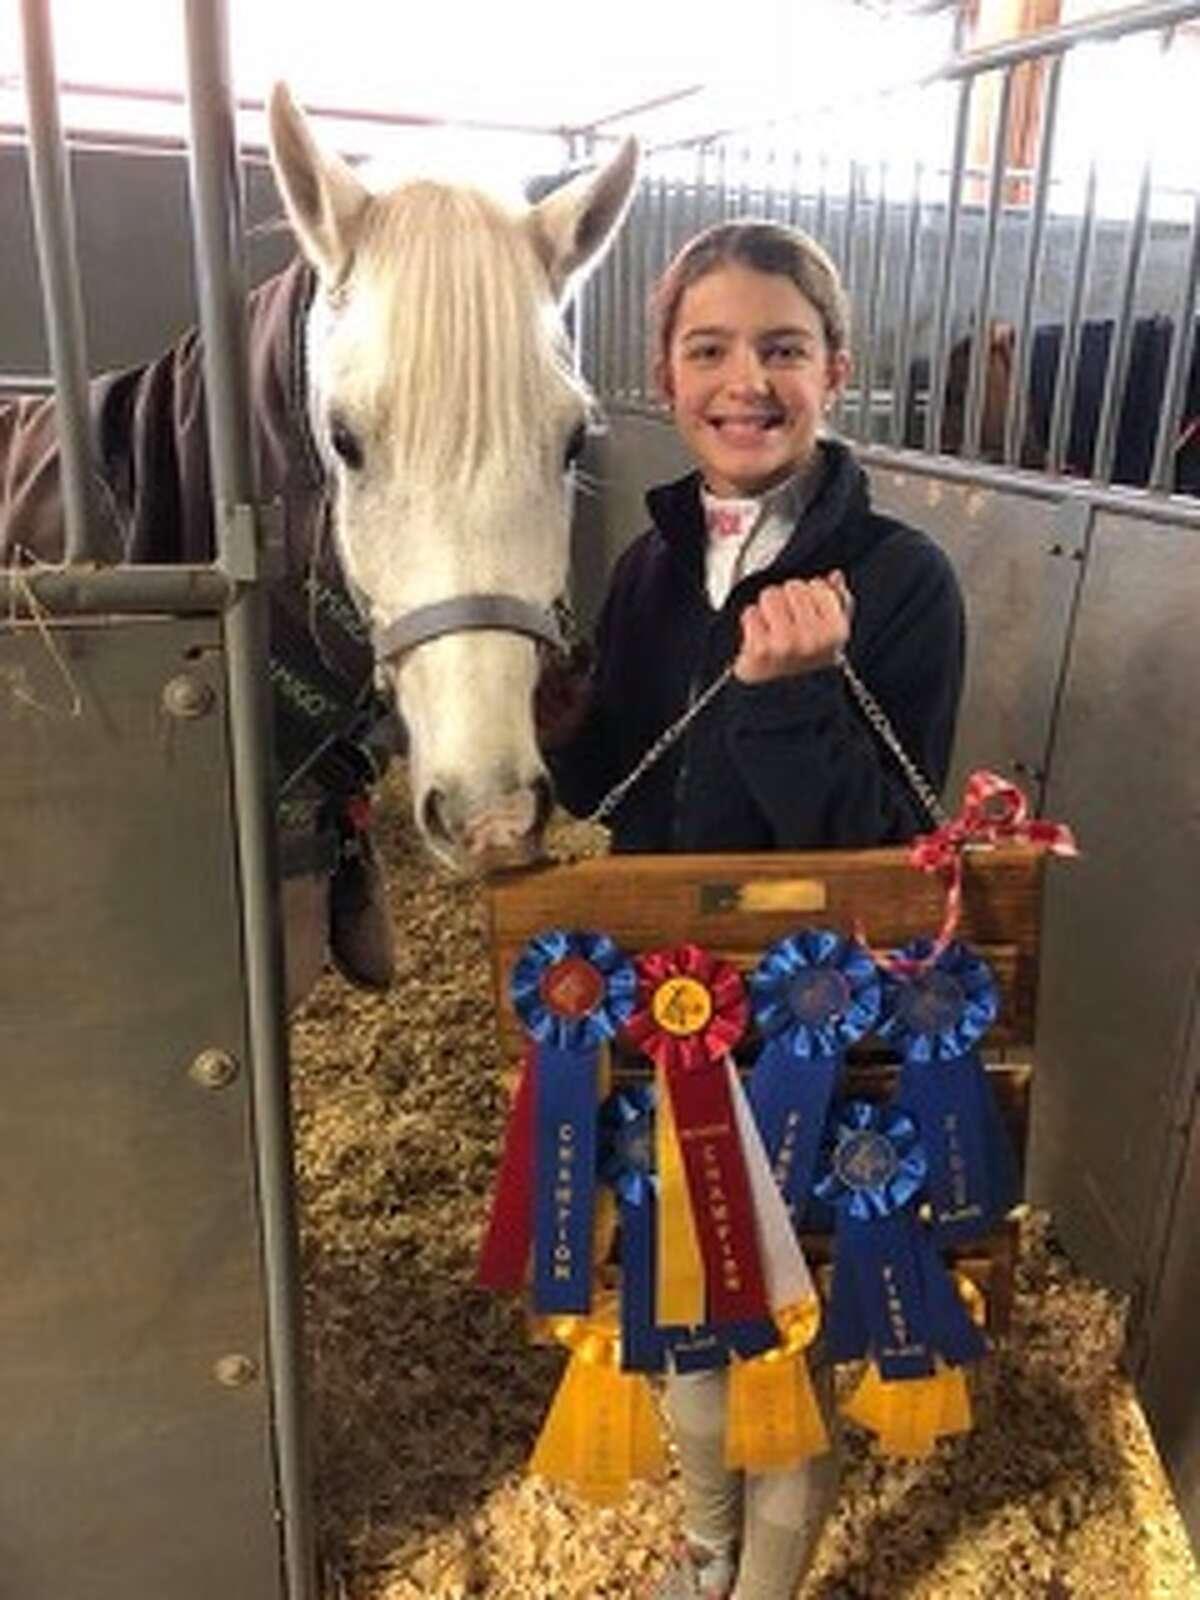 Horse show: Parker Cage